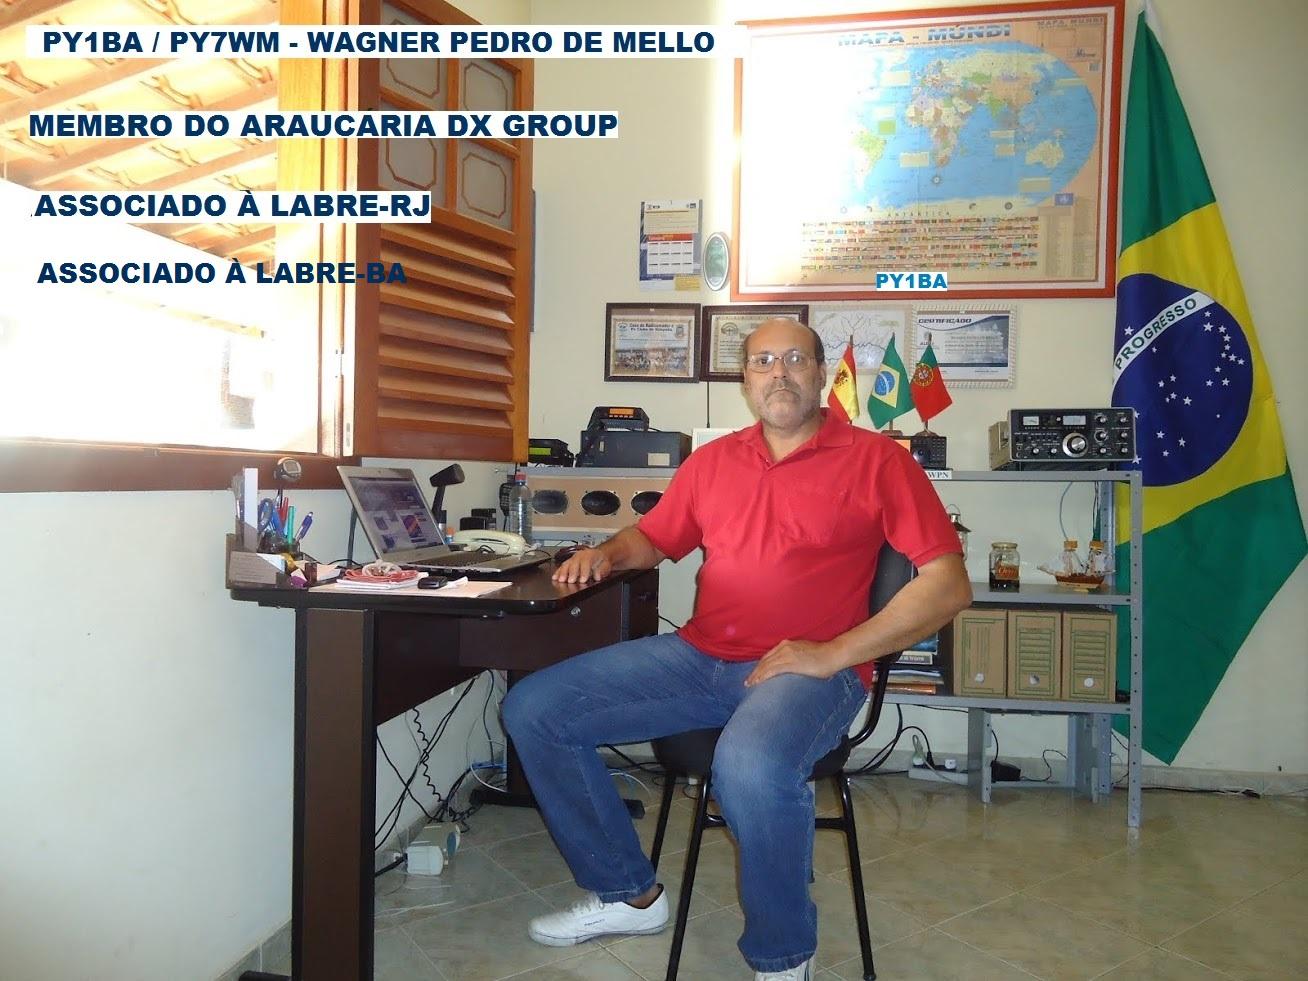 WAGNER - MEMBRO DO ARAUCÁRIA DX GROUP